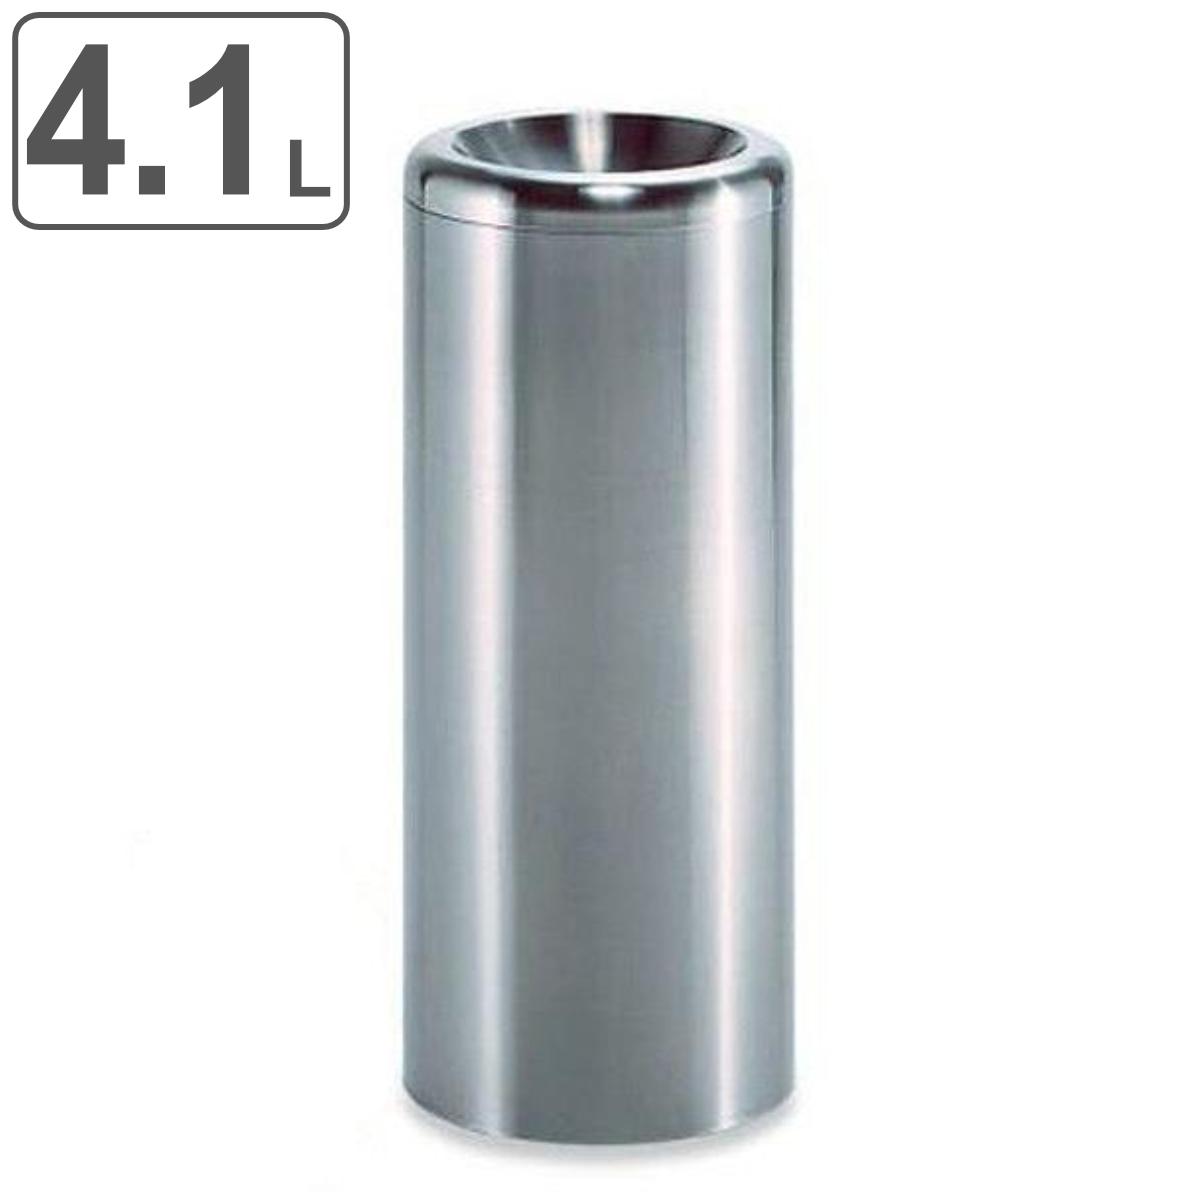 灰皿 スタンド丸型 ステンレス製 4.1L SM-125 ( 送料無料 スモーキングスタンド 吸いがら入れ )